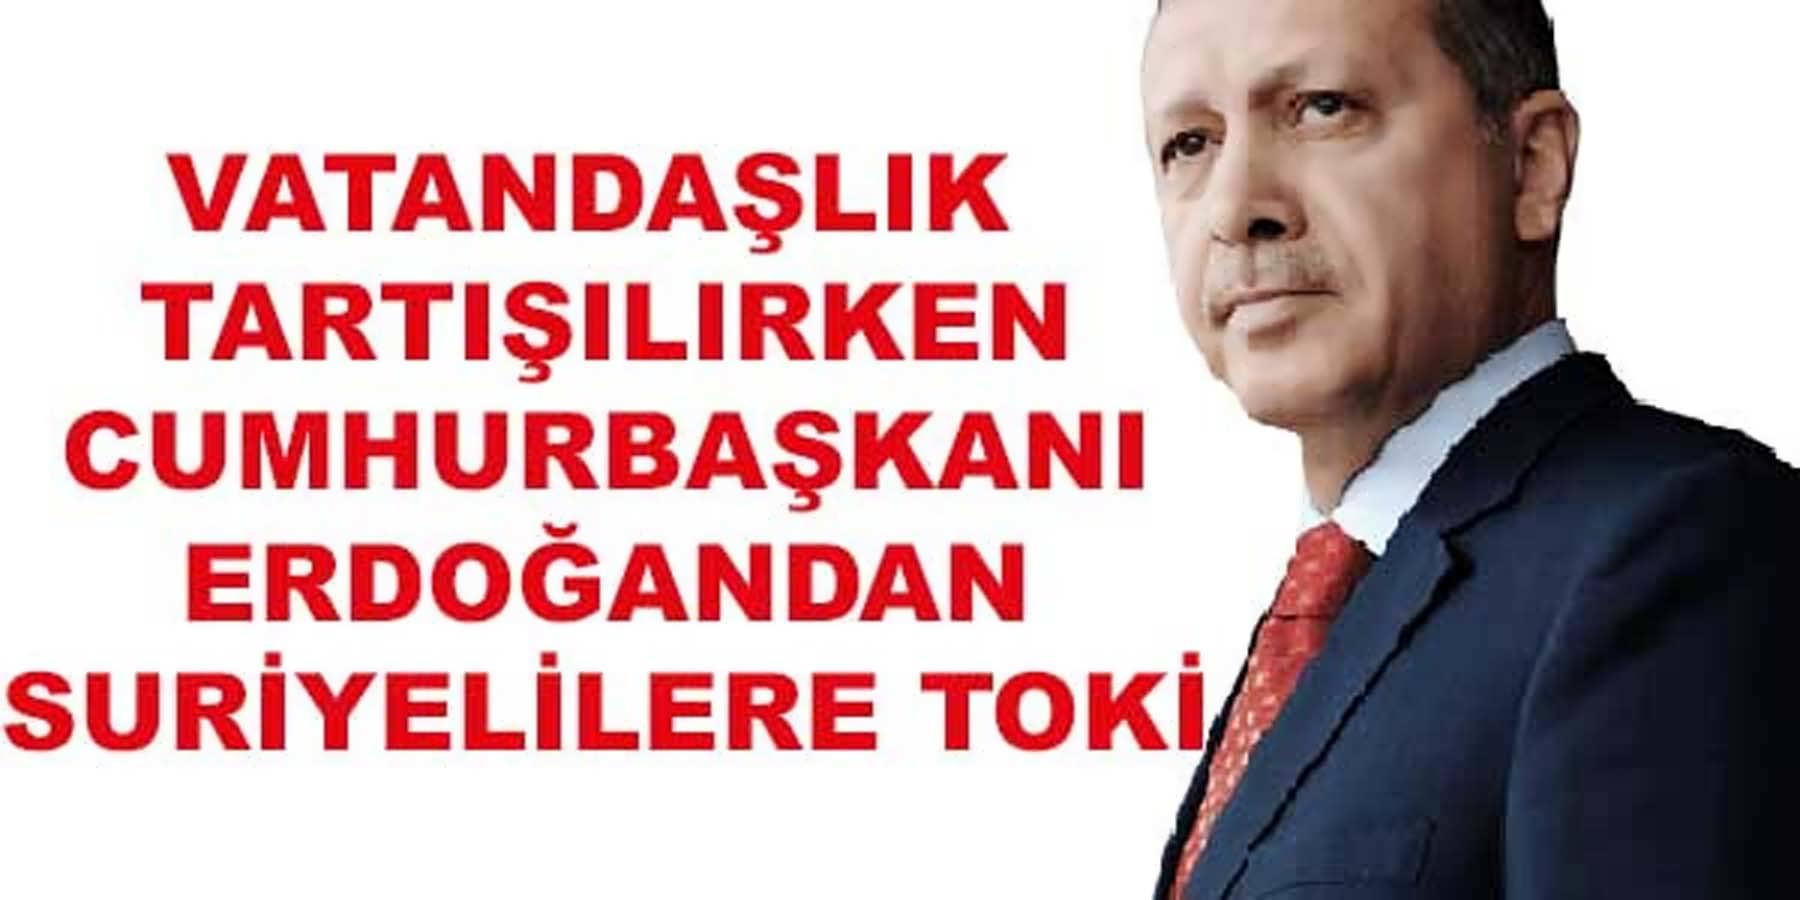 Cumhurbaşkanı Erdoğan'dan Suriyelilere Toki